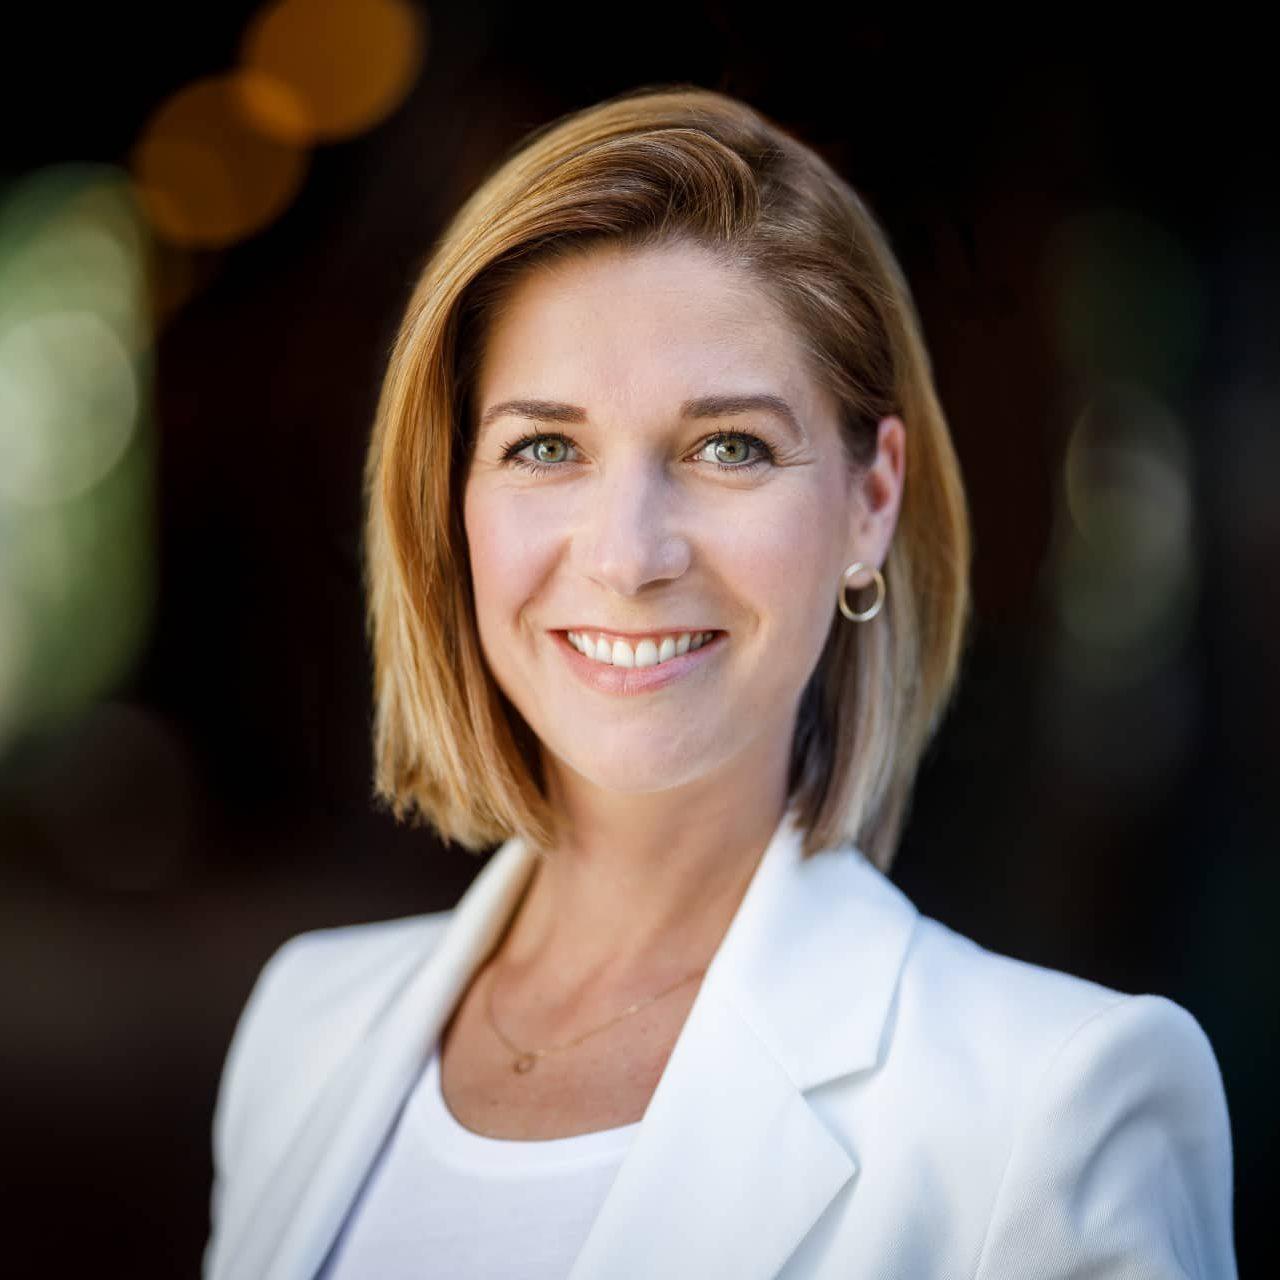 Lena-Sophie Müller Geschäftsführerin der Initiative D21 e. V.